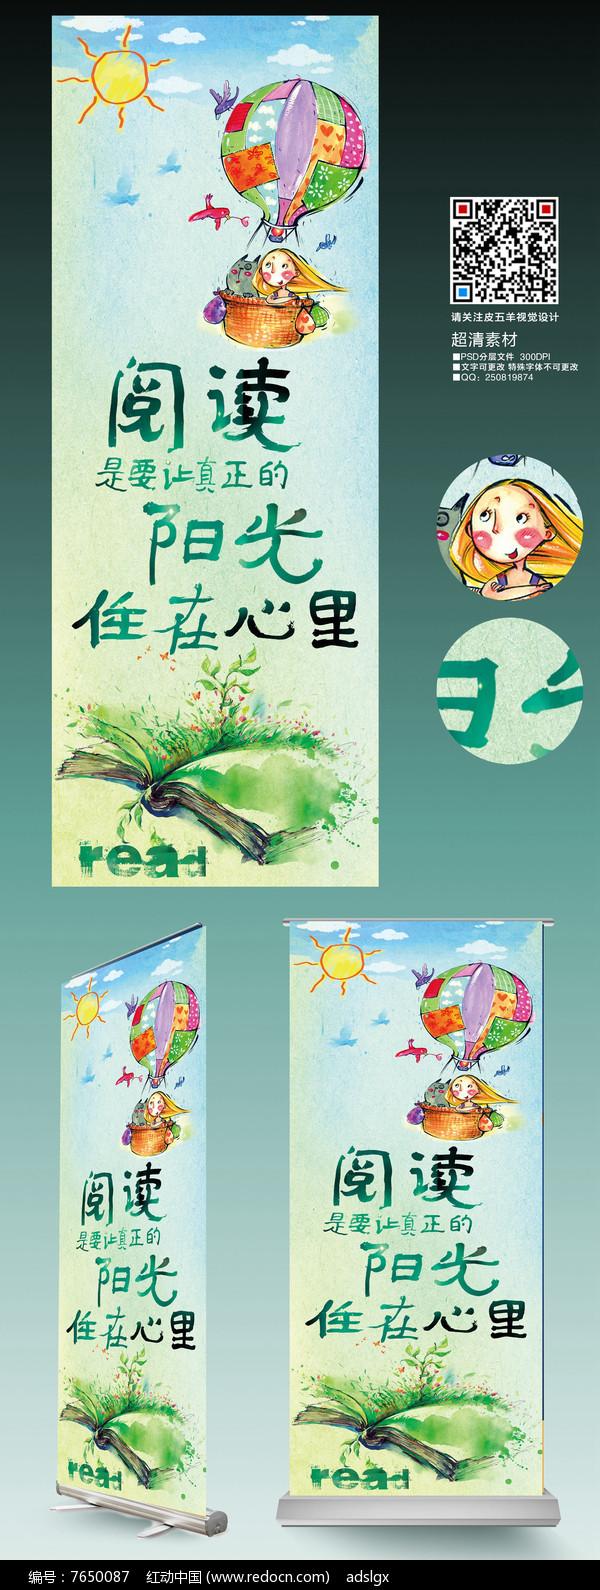 原创设计稿 海报设计/宣传单/广告牌 易拉宝 水彩阅读读书宣传易拉宝